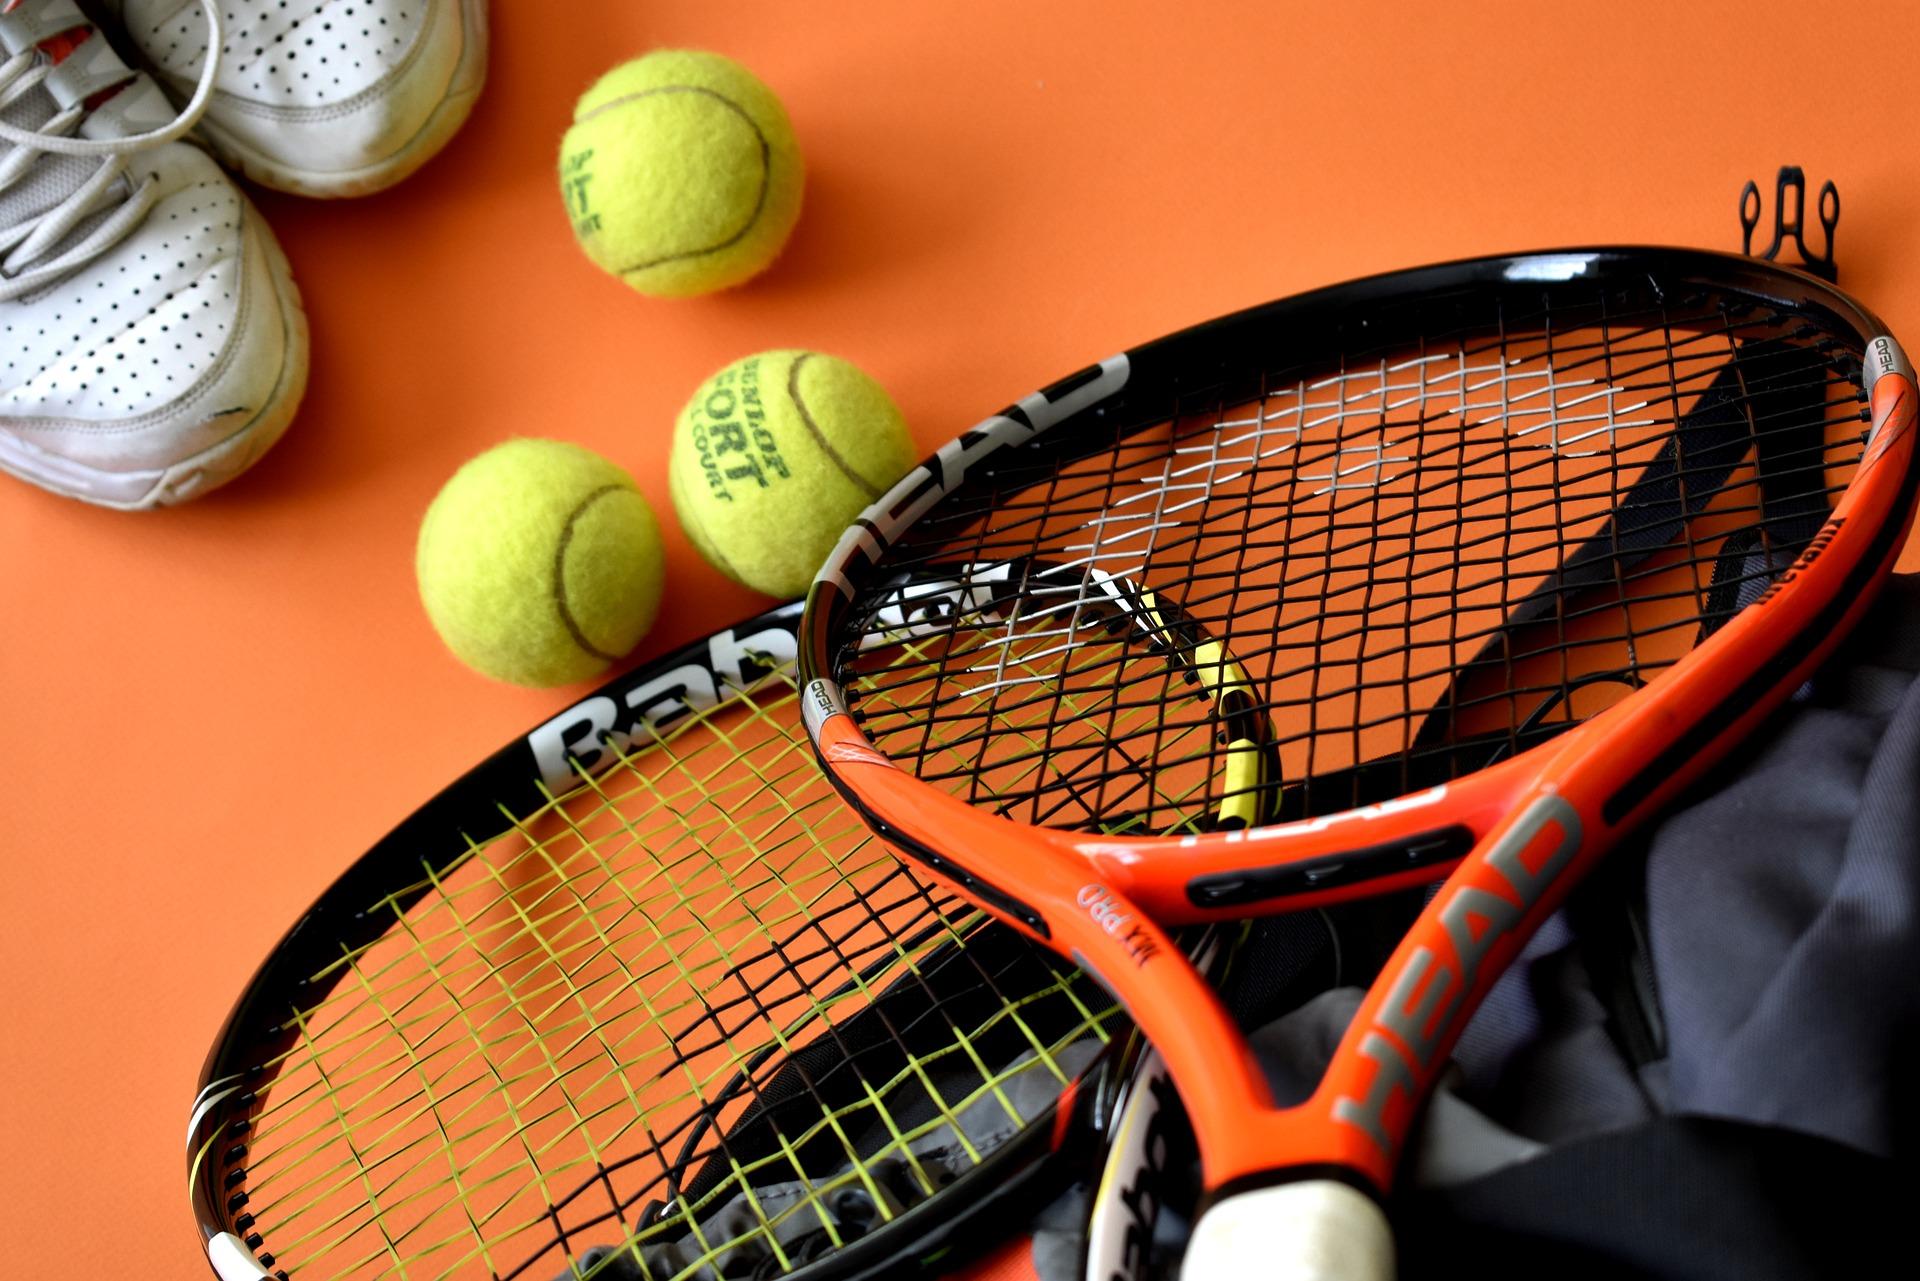 De quel équipement avez-vous besoin pour le tennis amateur ?